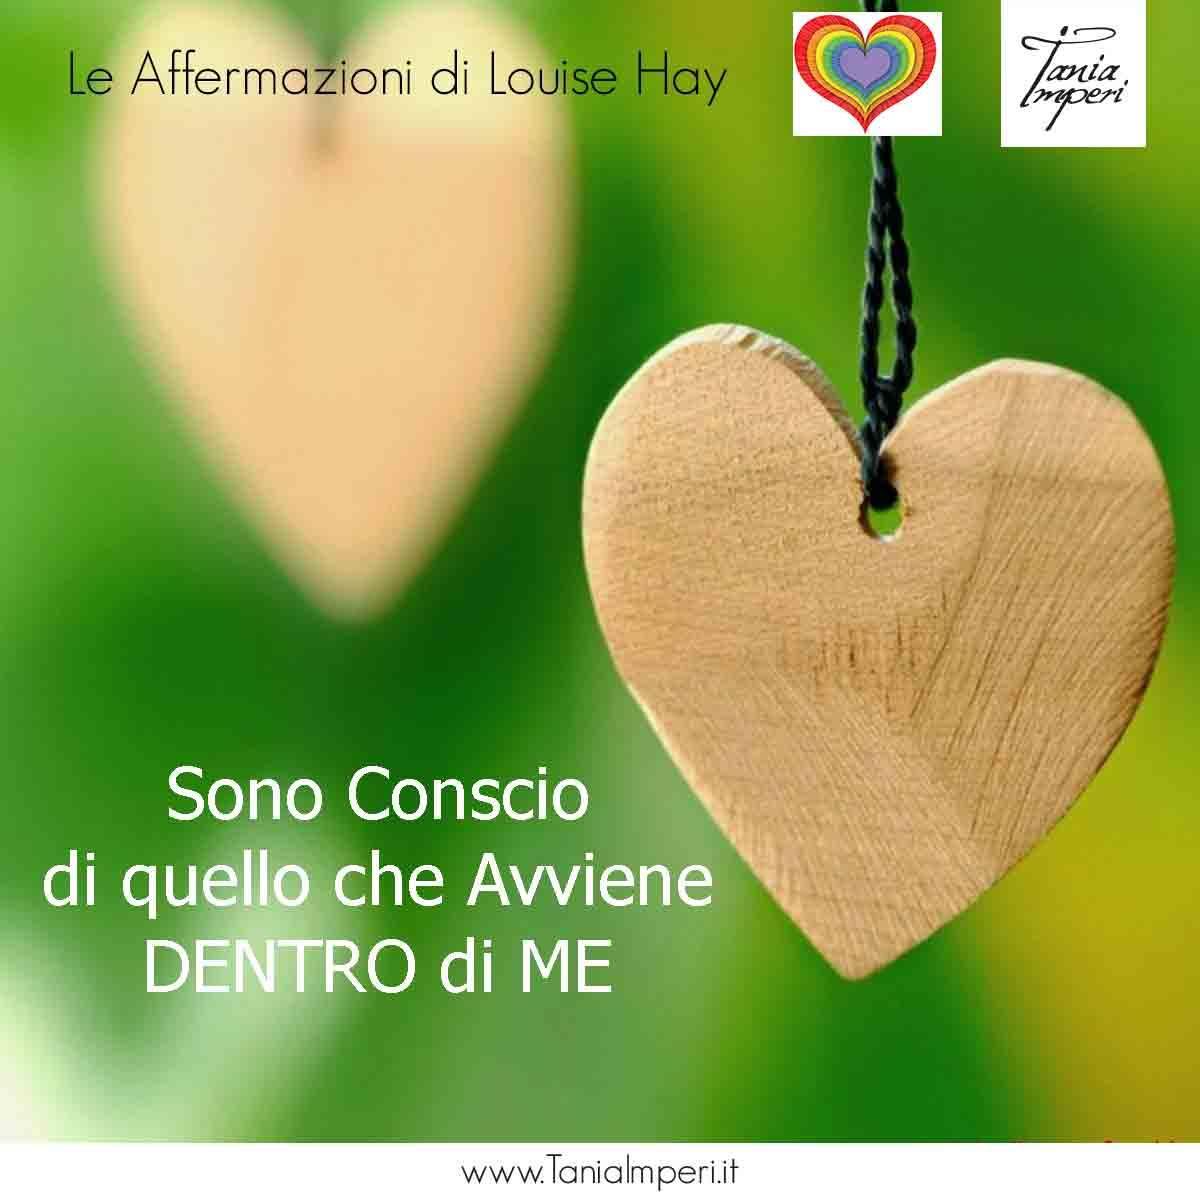 AFFERMAZIONI_LOUISE_HAY_TANIA_IMPERI_52-SONO-CONSCIO-DI-QUELLO-CHE-AVVIENE-DENTRO-25DIC2017